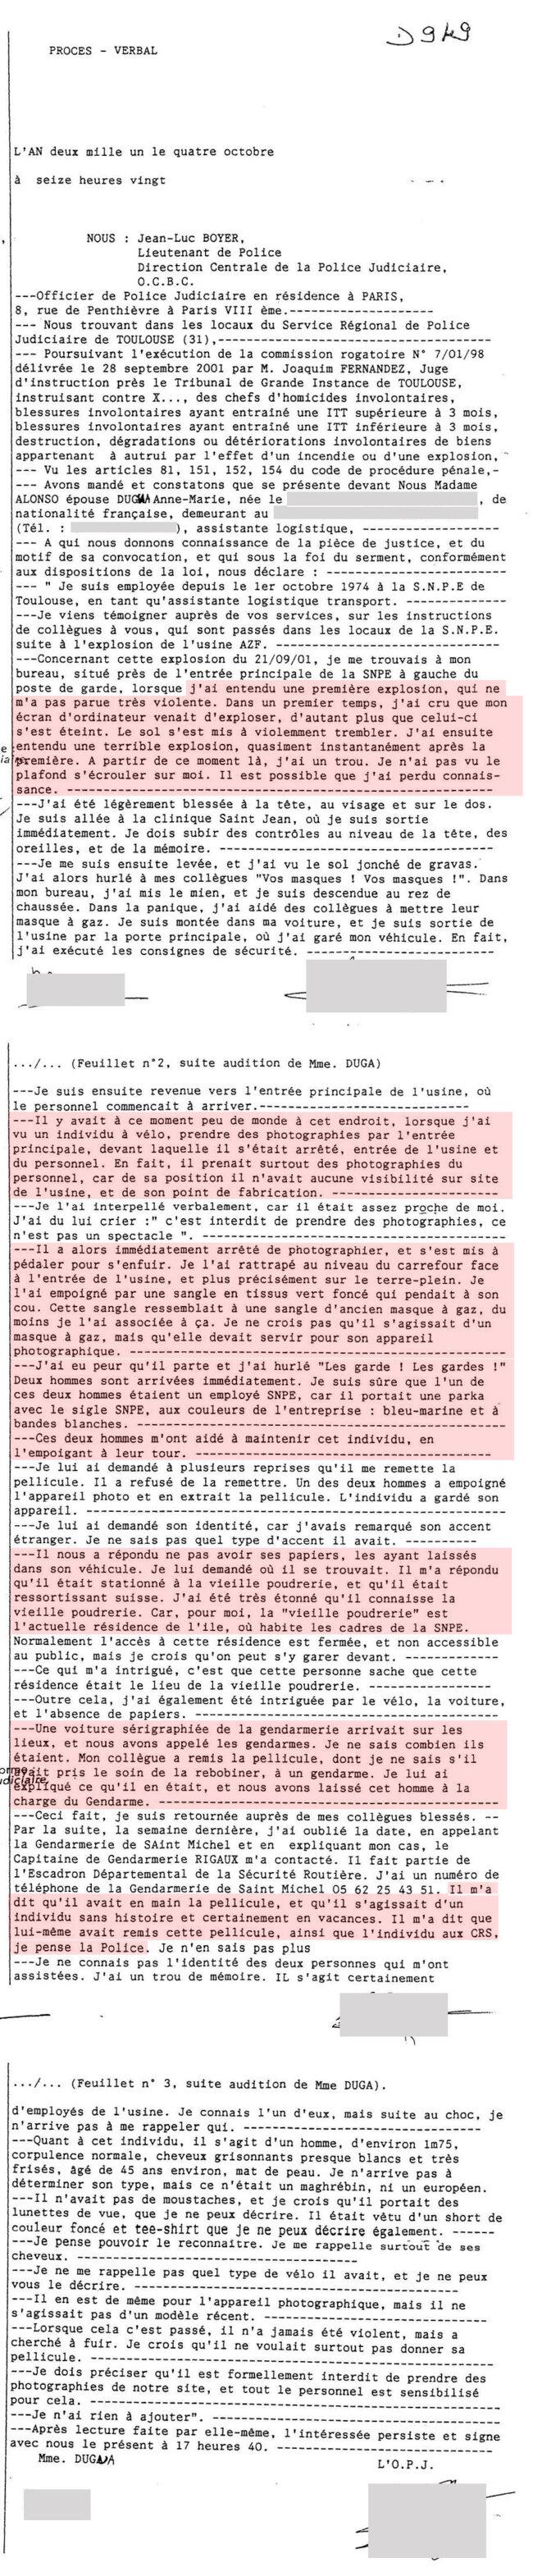 d0949-2004-10-04-temoignage-d-anne-marie-dugua-snpe